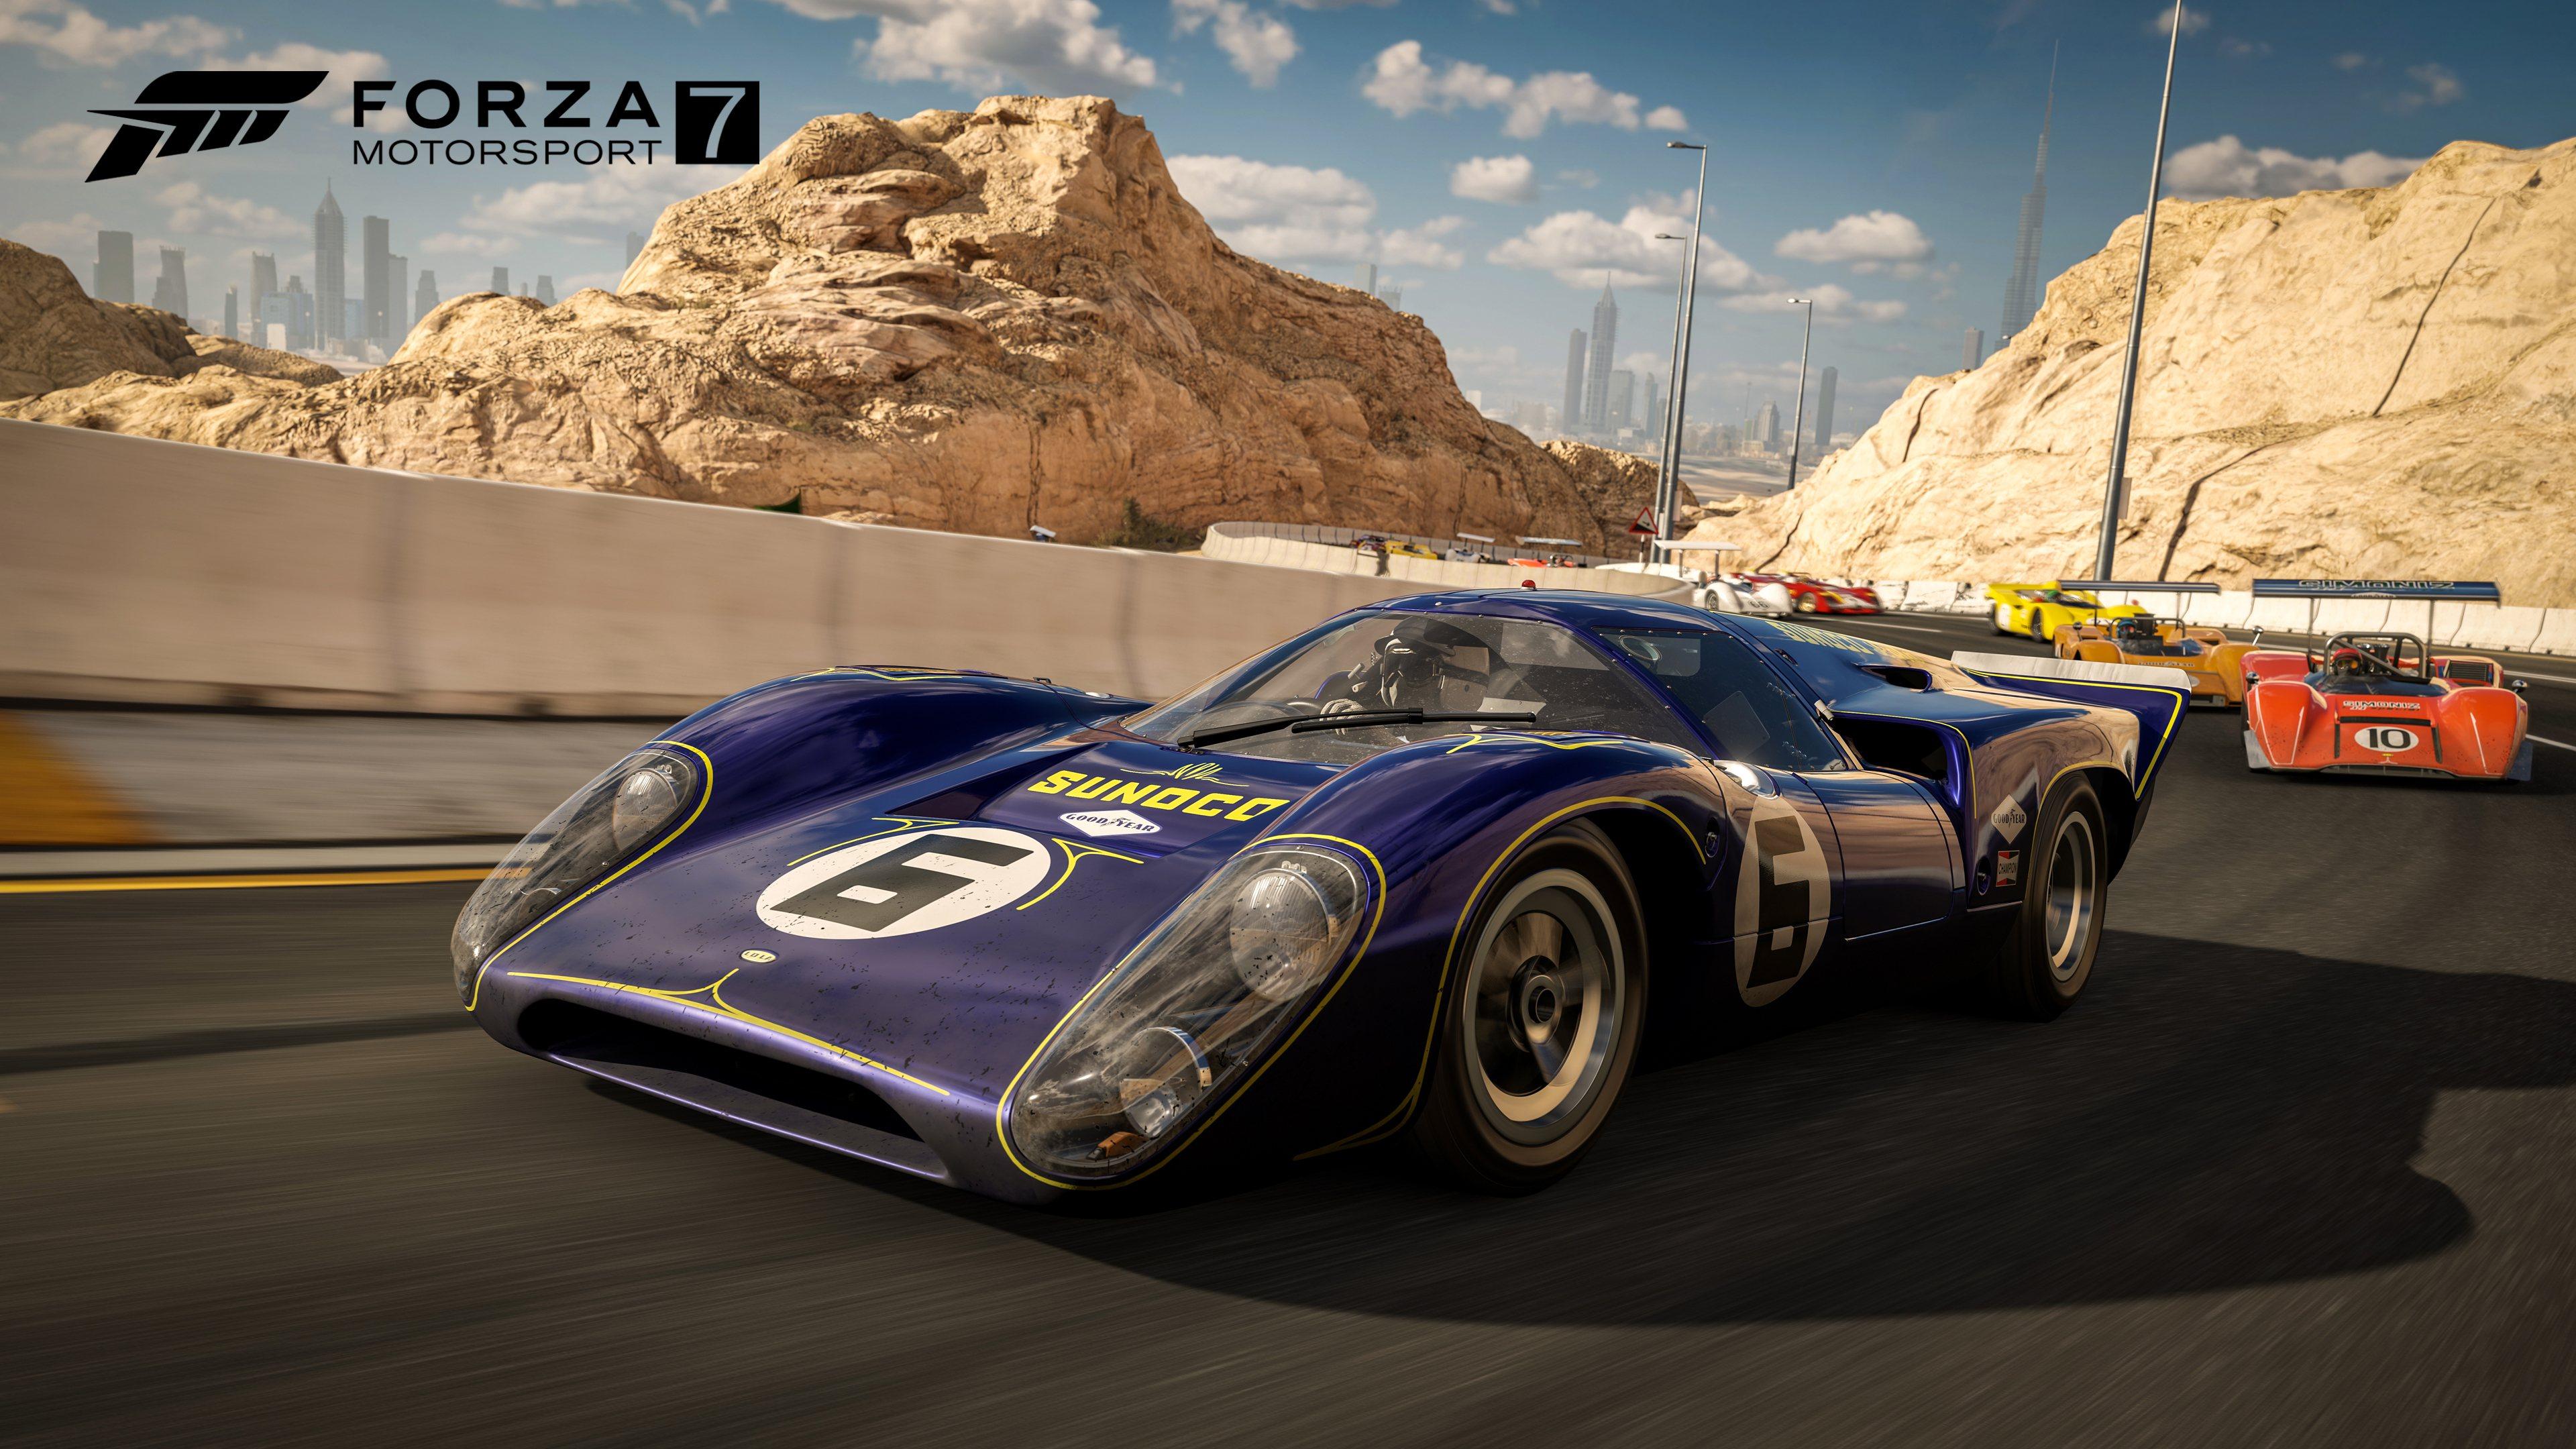 Forza7_Gamescom_PressKit_MountainPass_4K1.jpg